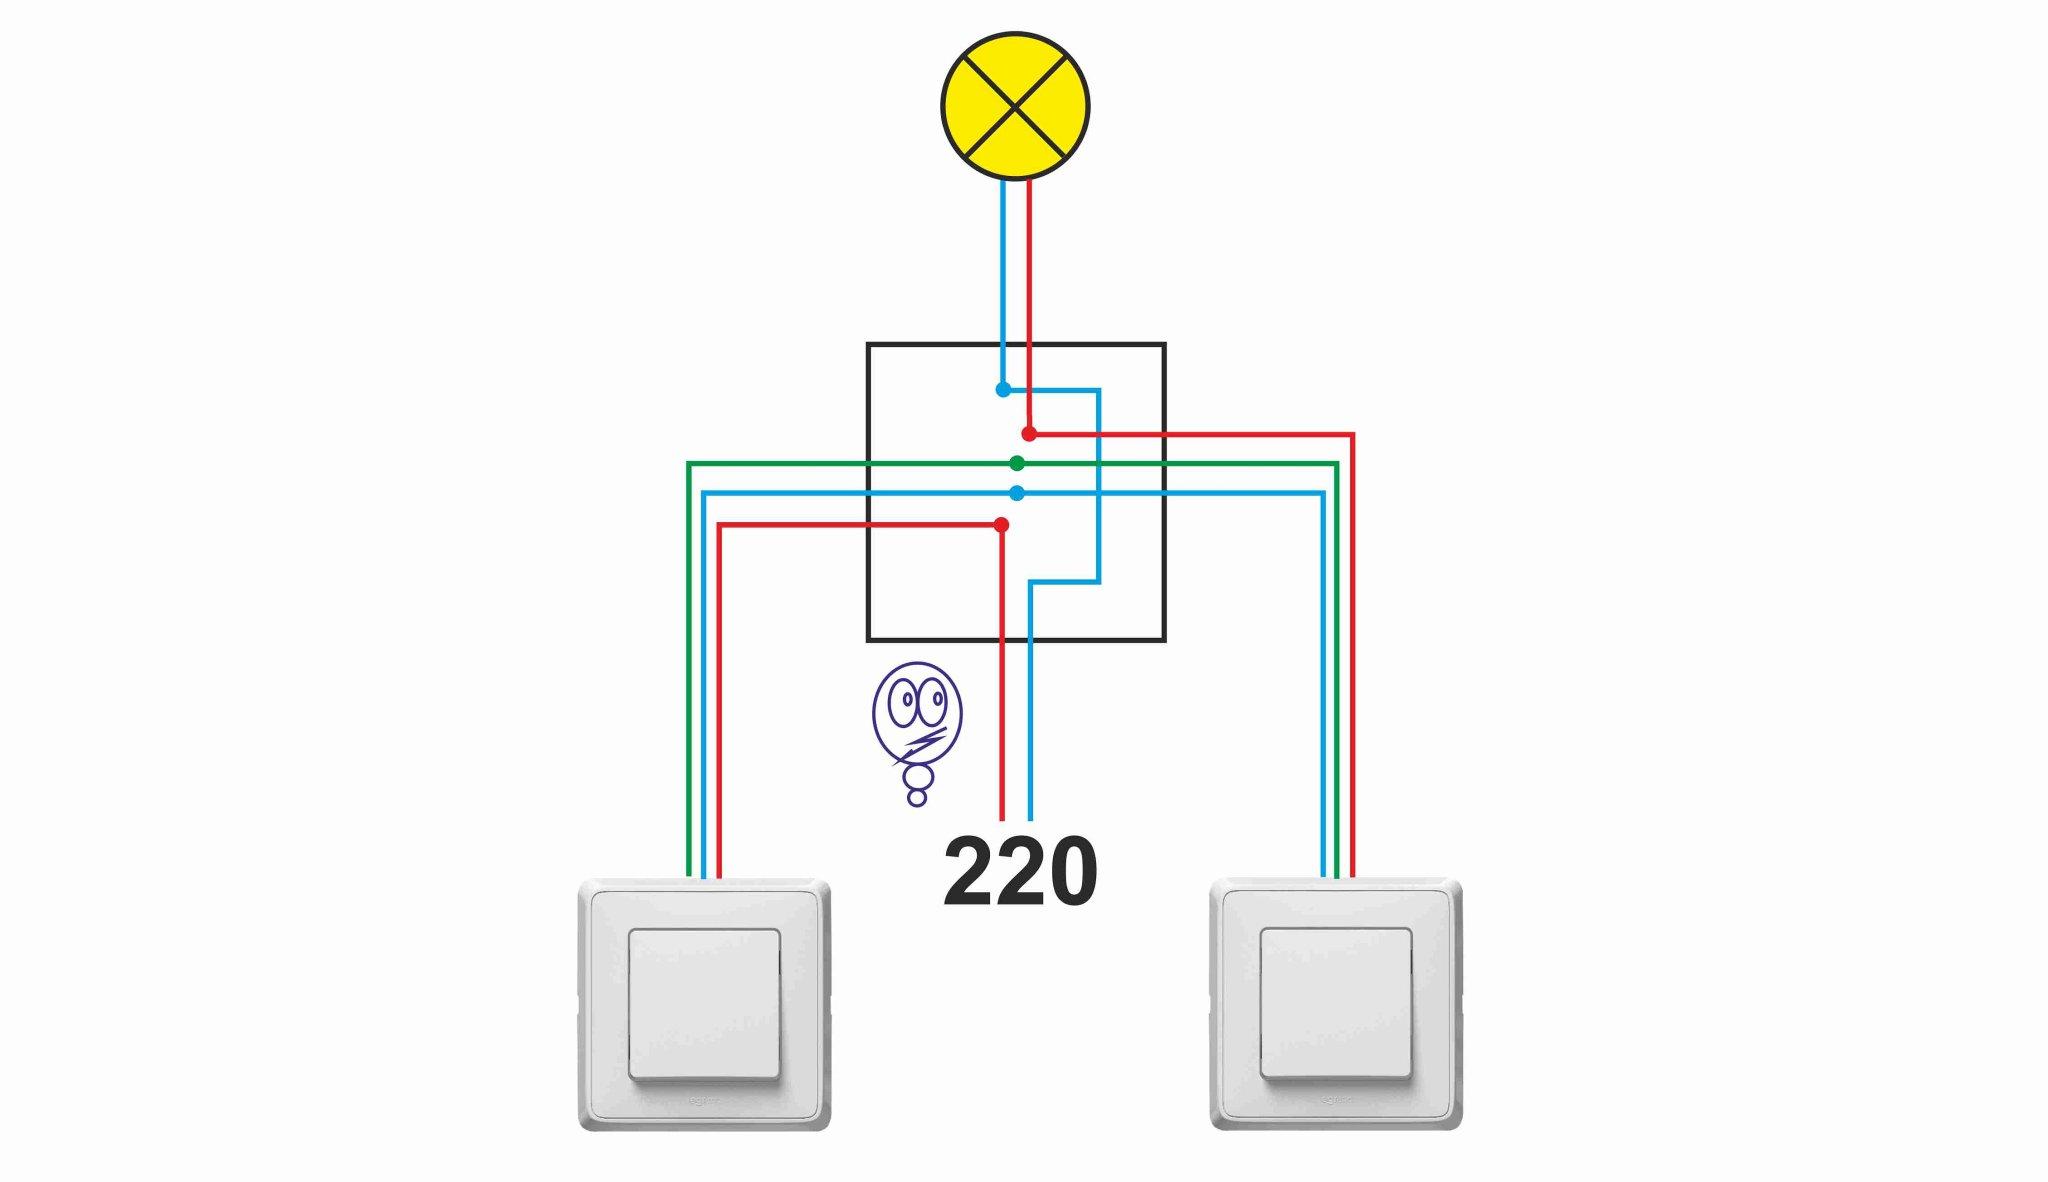 Пакетный выключатель: что это такое и для чего нужен + схема подключения